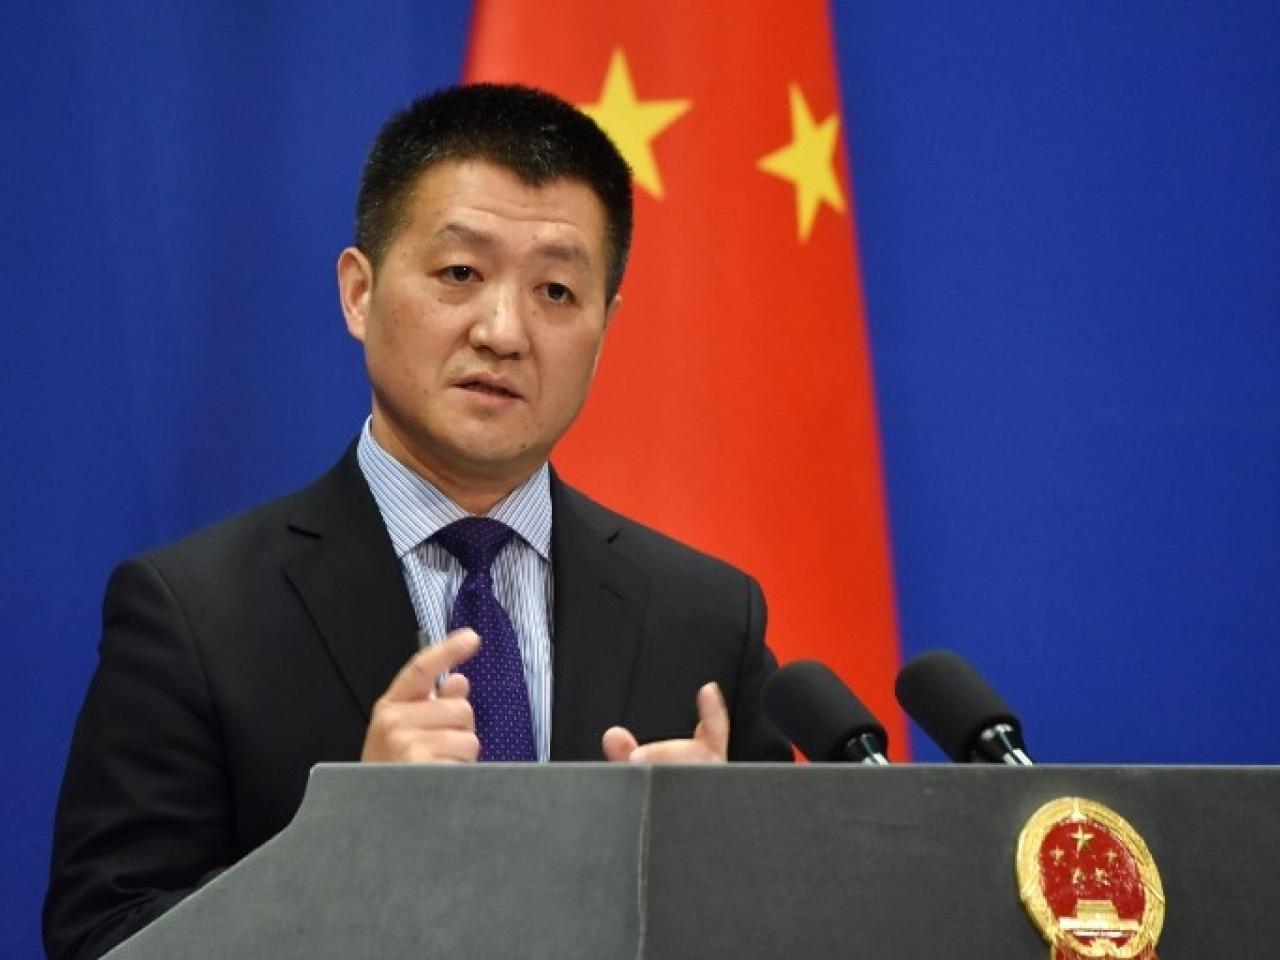 Diplomacia | Pequim refuta críticas dos Estados Unidos sobre direitos humanos